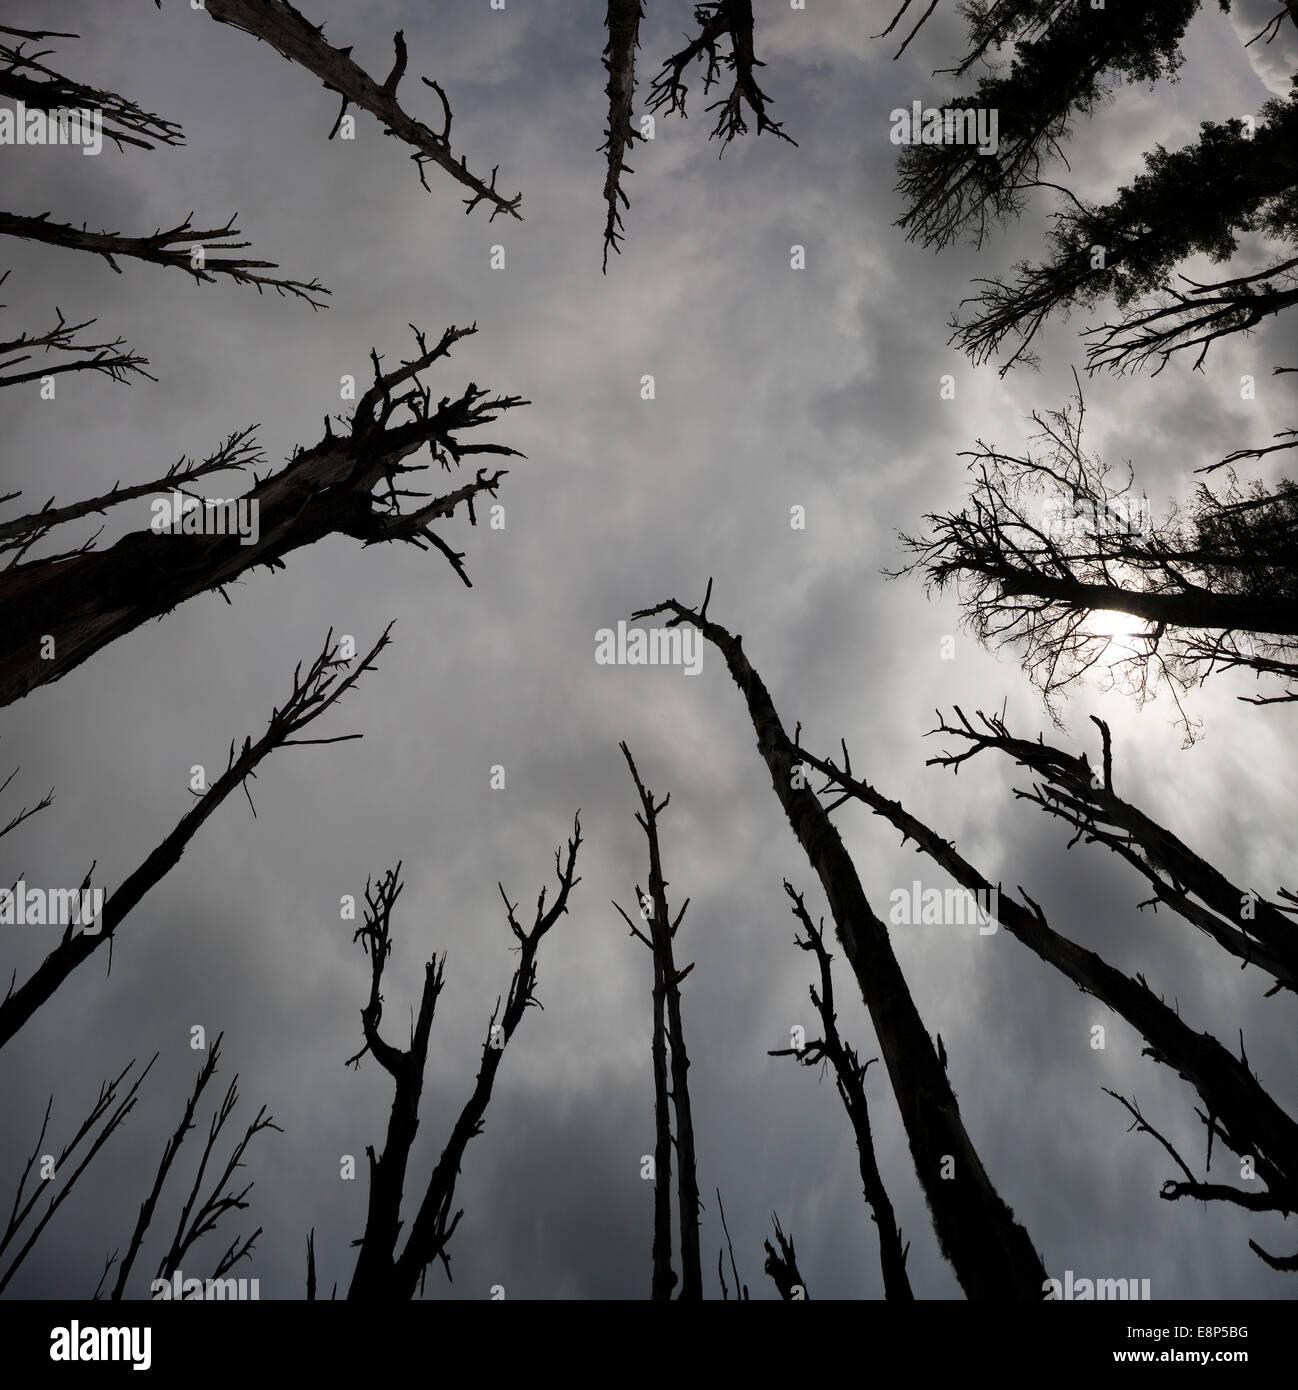 Los árboles muertos de miedo oscuro cielo tormentoso Haunted Woods buscando ángulo de visión baja silueta negra Foto de stock